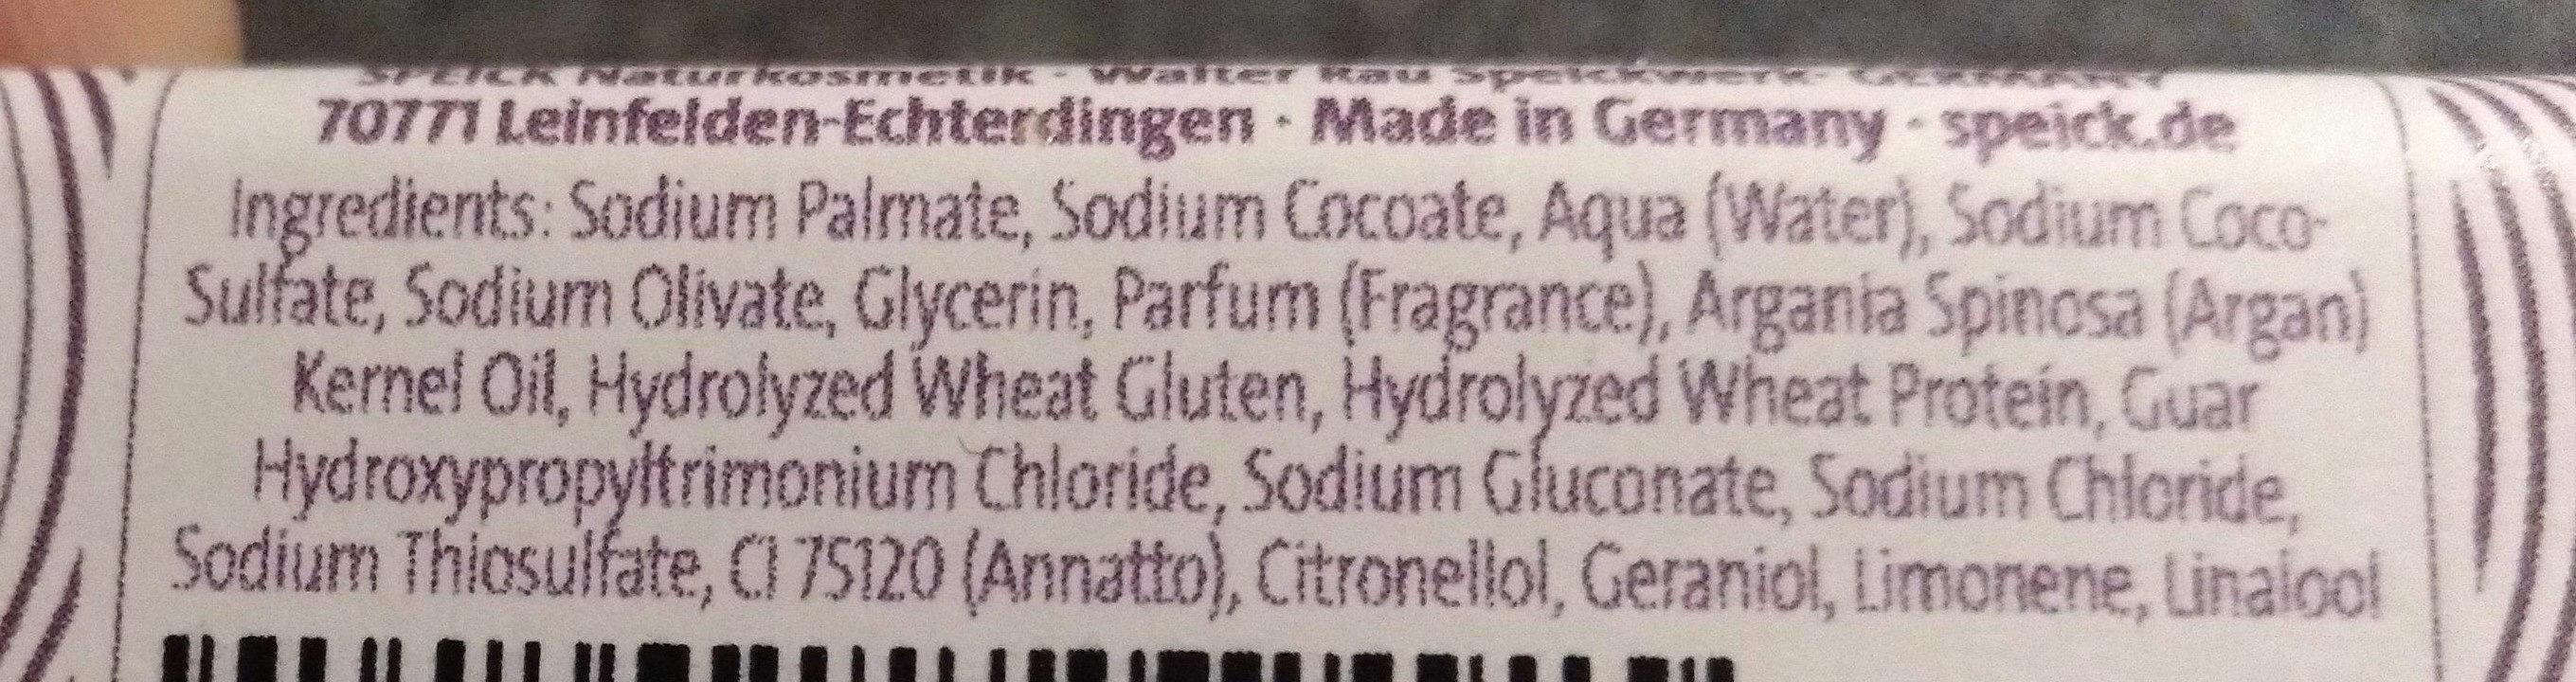 Haar Seife - Ingredients - de